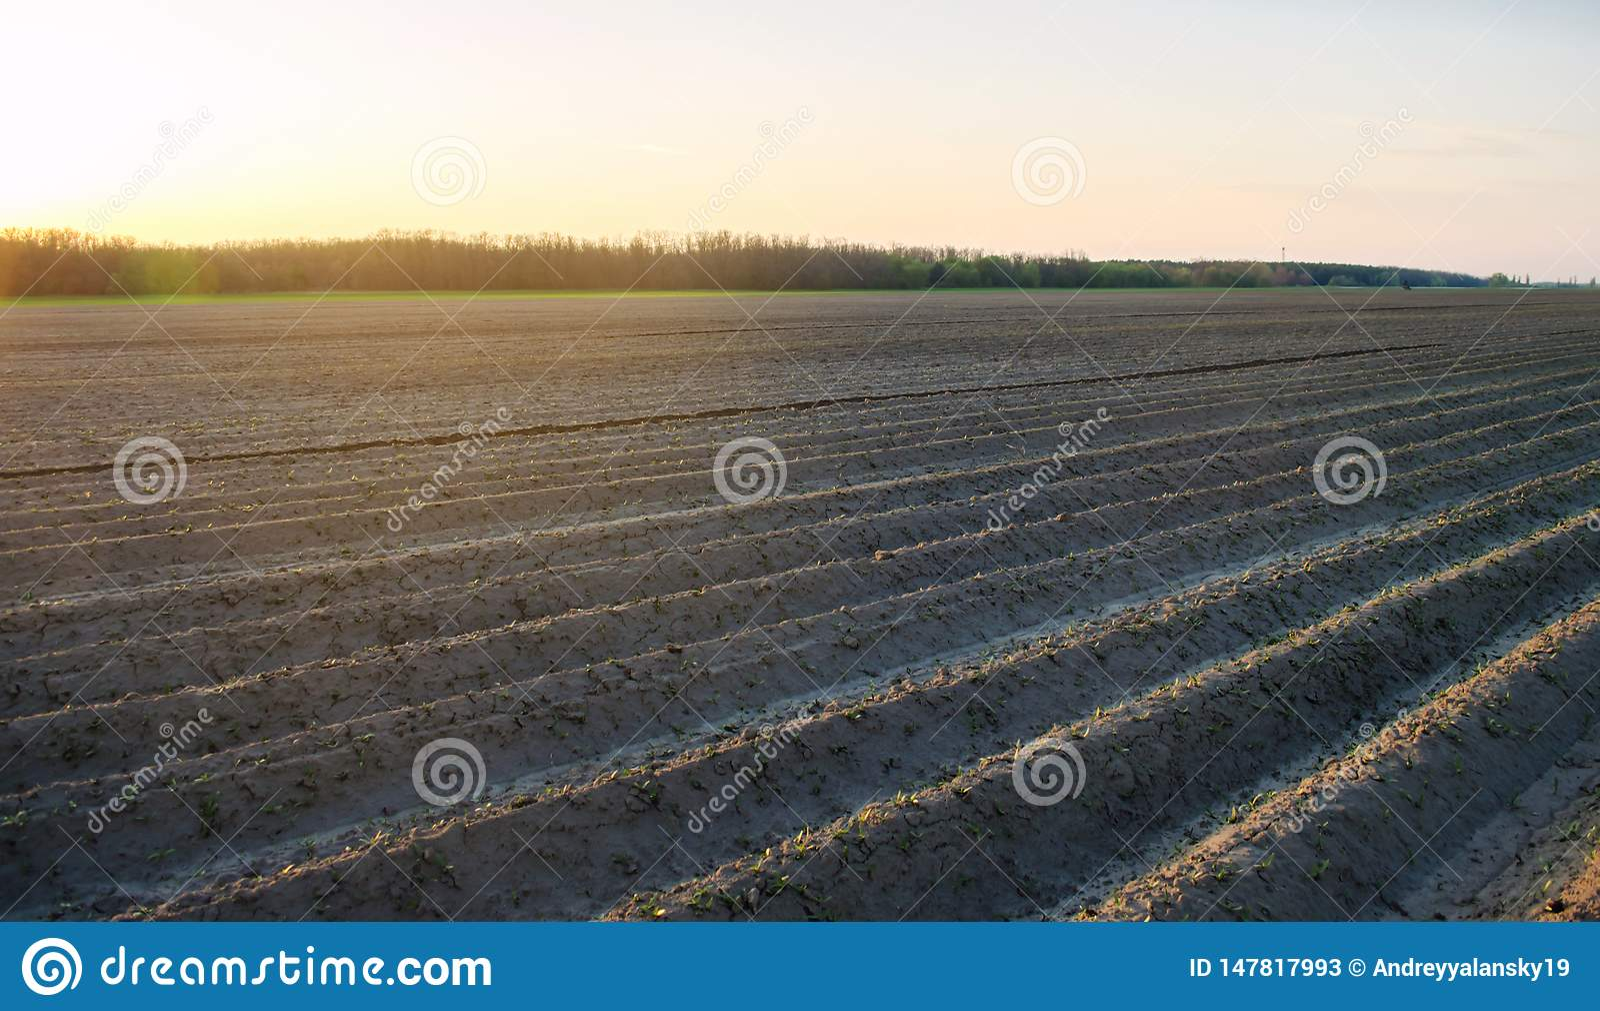 Zaorany pole po kultywacji dla zasadza? rolnicze uprawy Krajobraz z gruntem rolnym ?